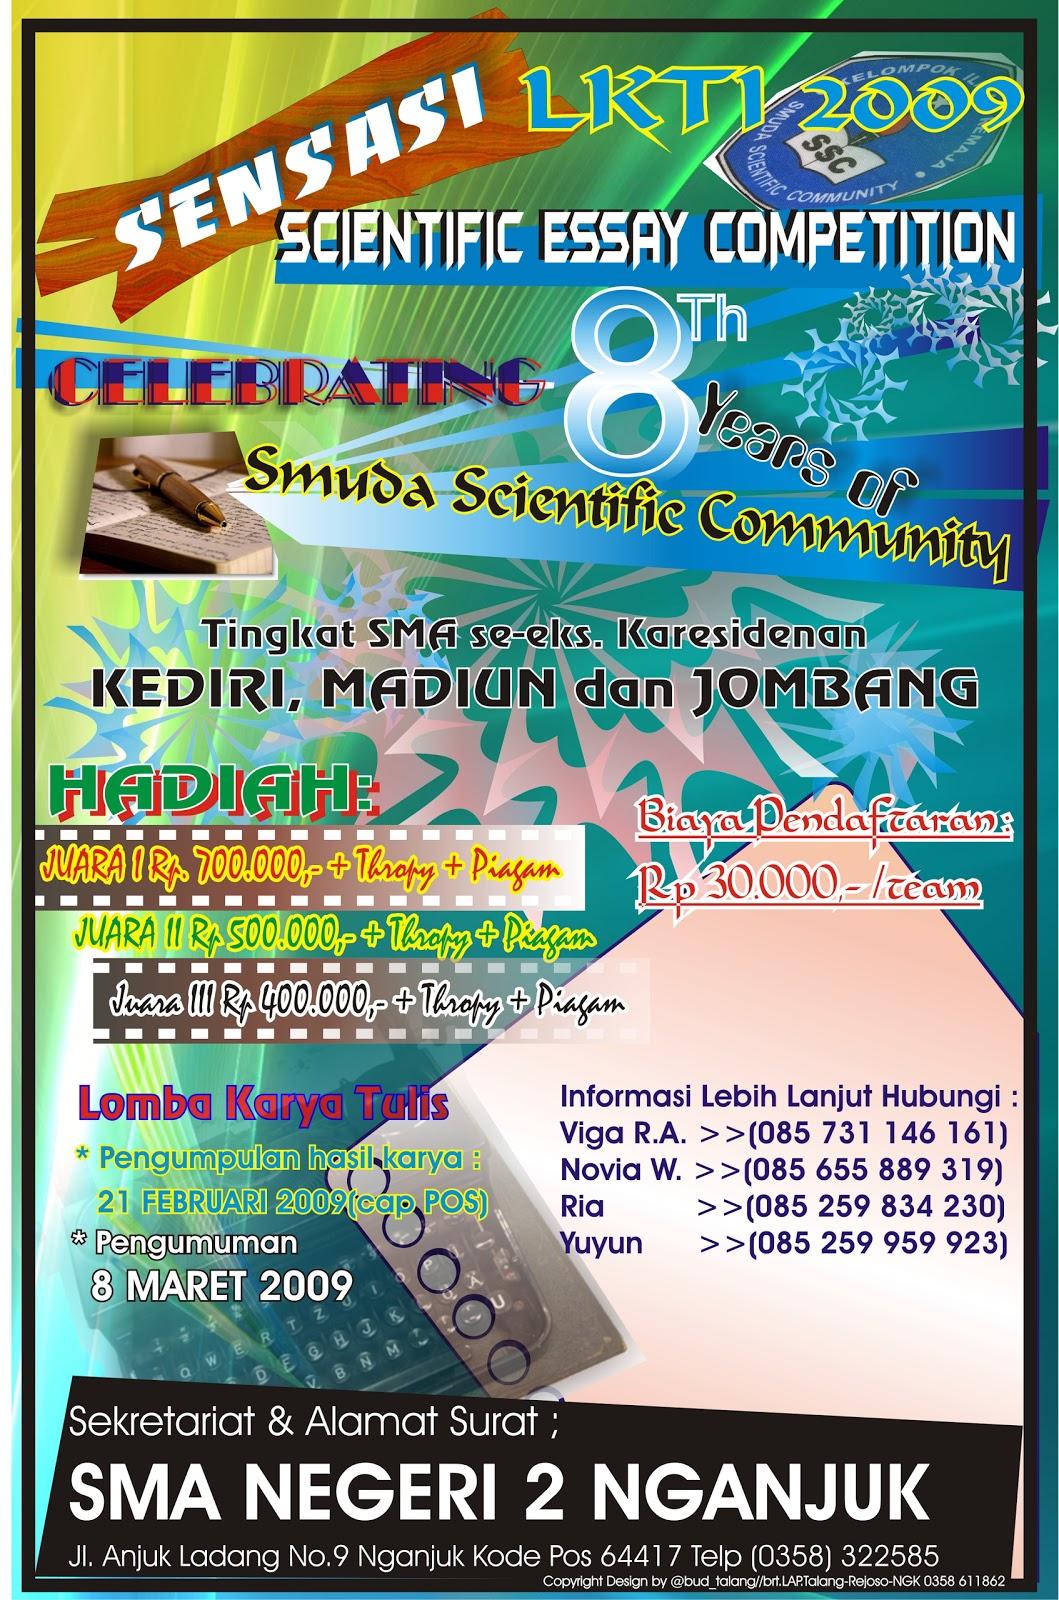 Download Contoh Brosur Kti Sma Negeri Dua Ng